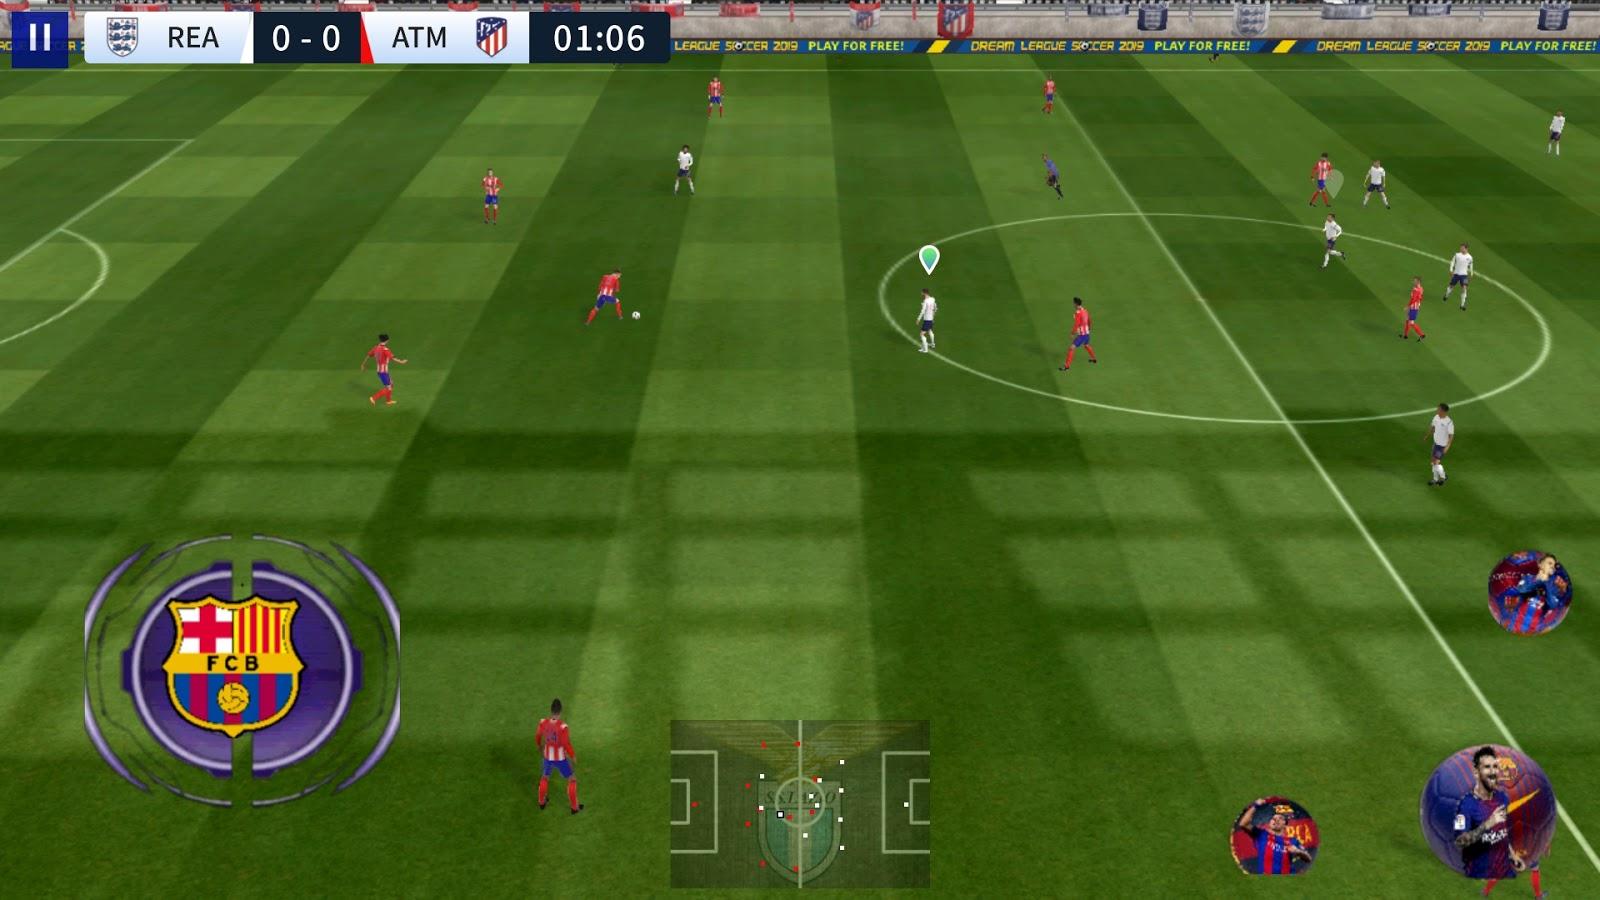 Dream League Soccer 2021 Yeni Özellikler Hileli Mod Apk+Data indir 2020